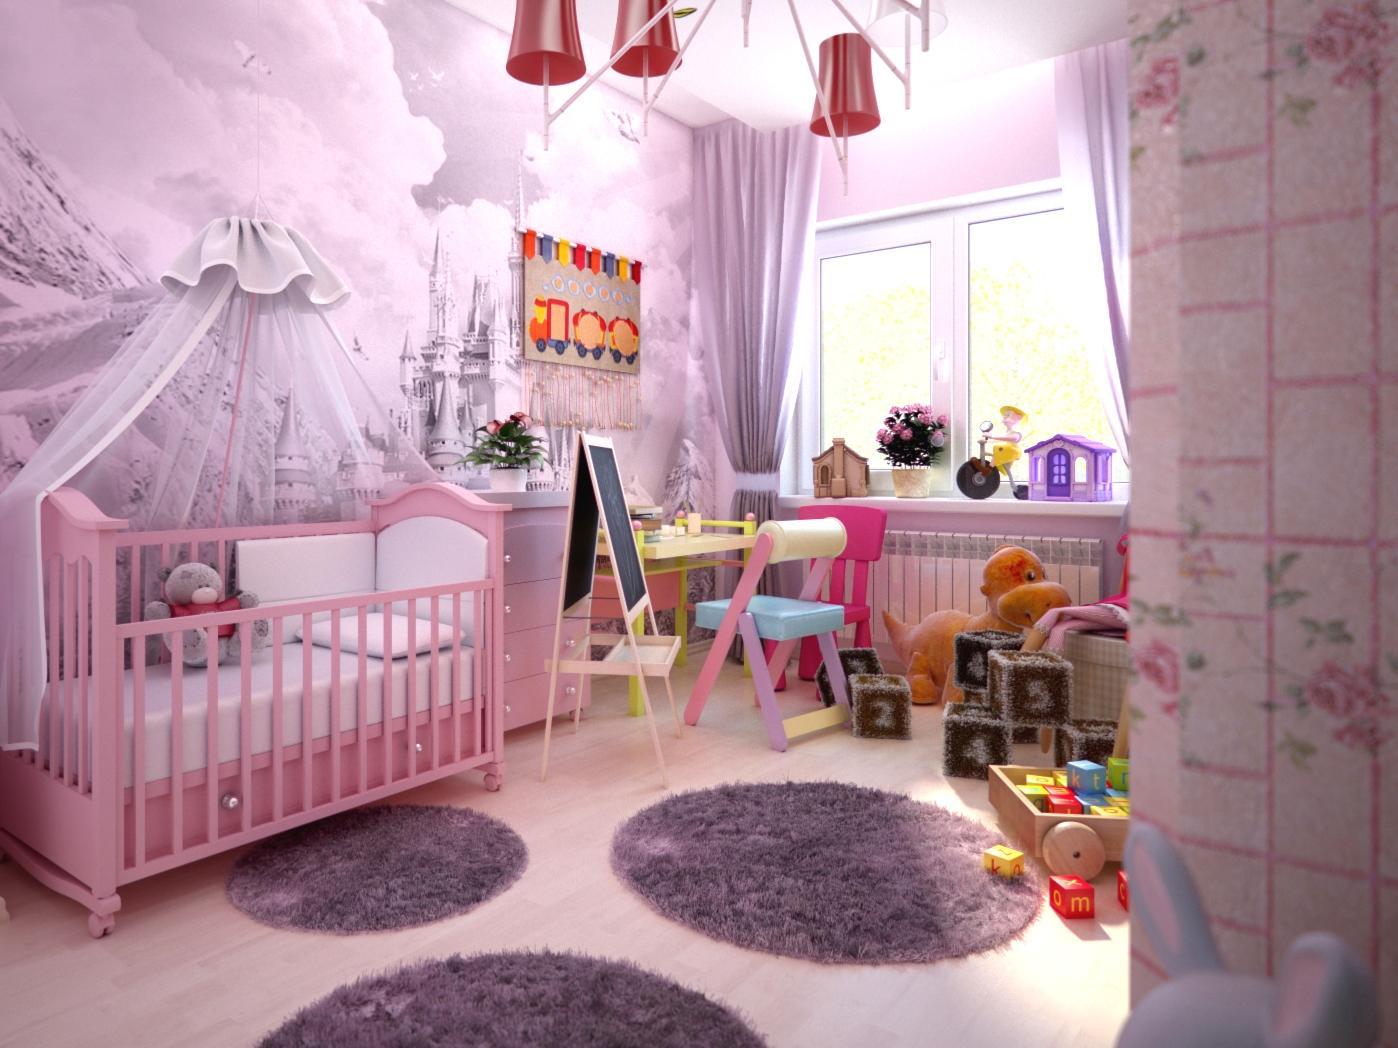 дизайн детской комнаты для девочки 2 годика